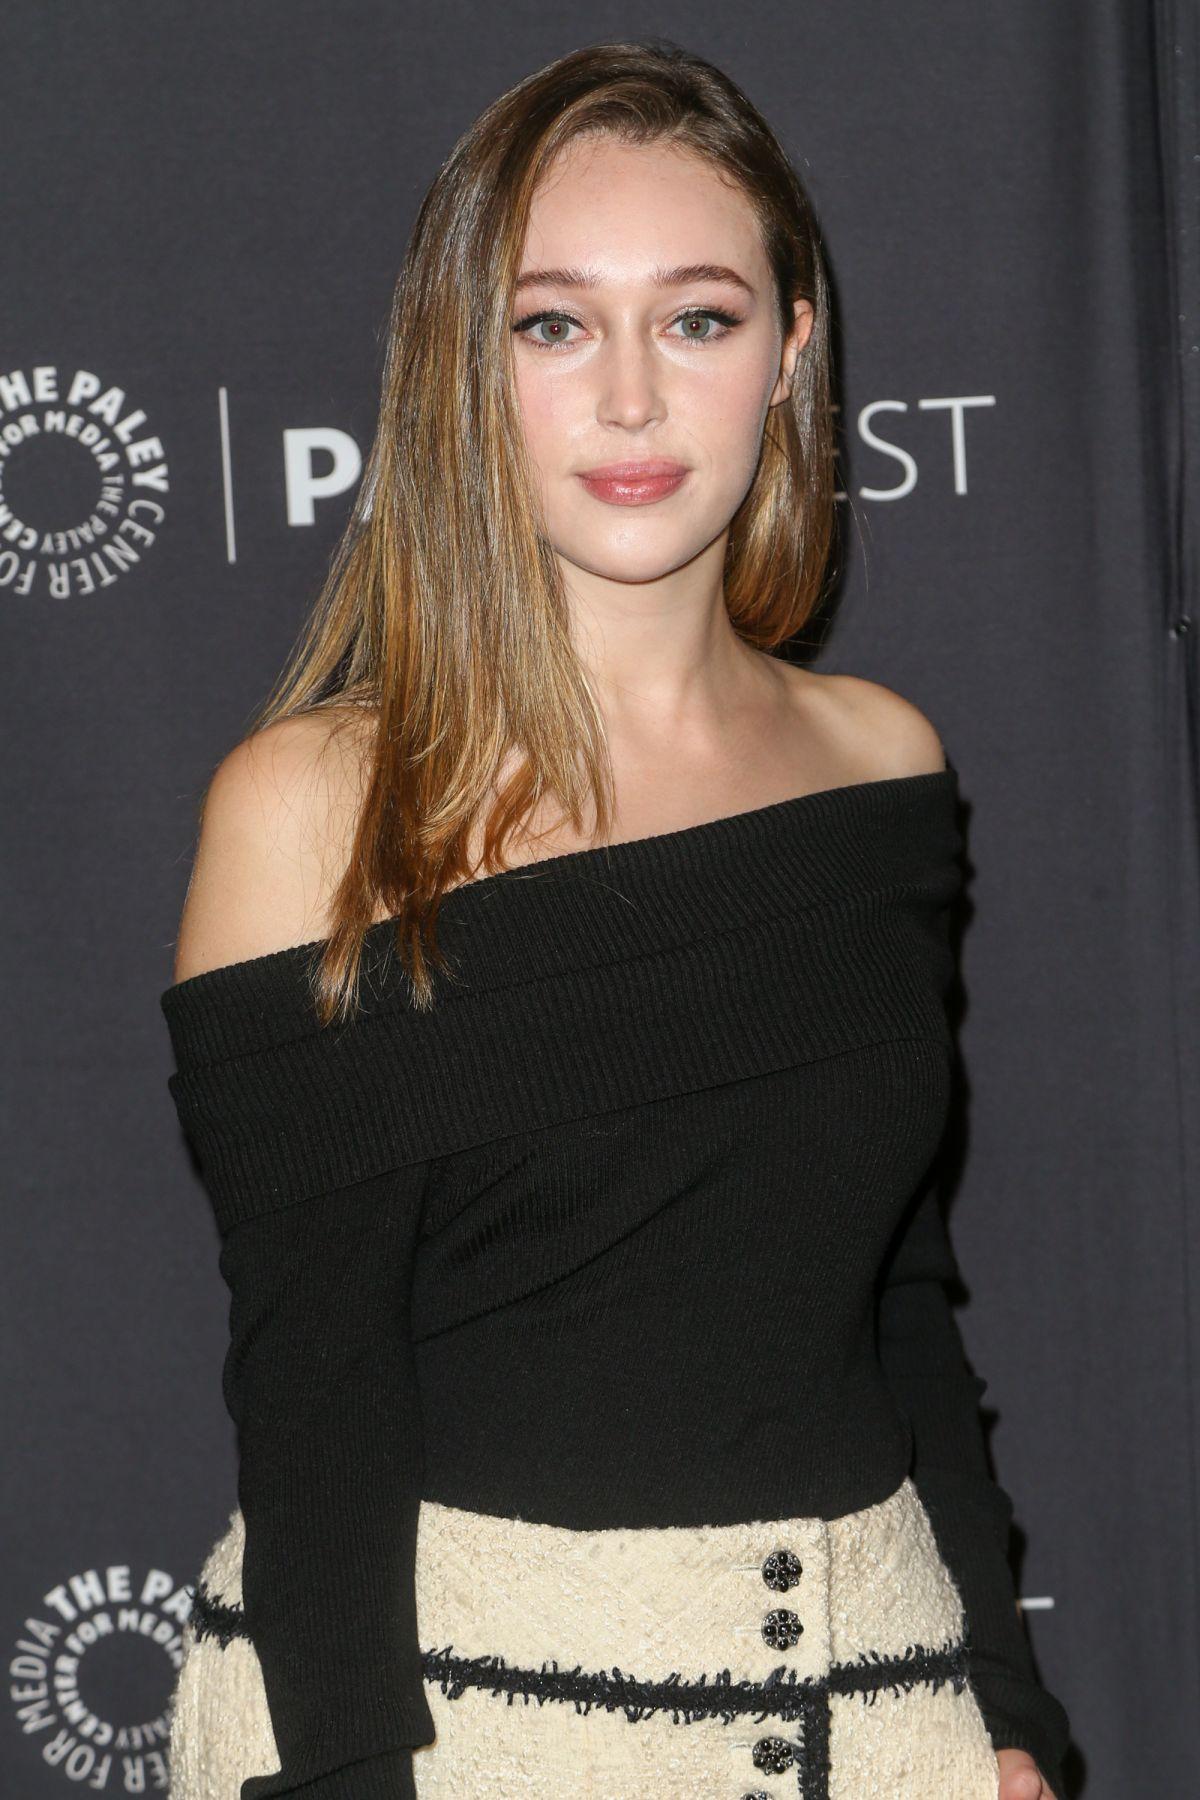 Alycia Debnam-Carey in a black top facing the camera.